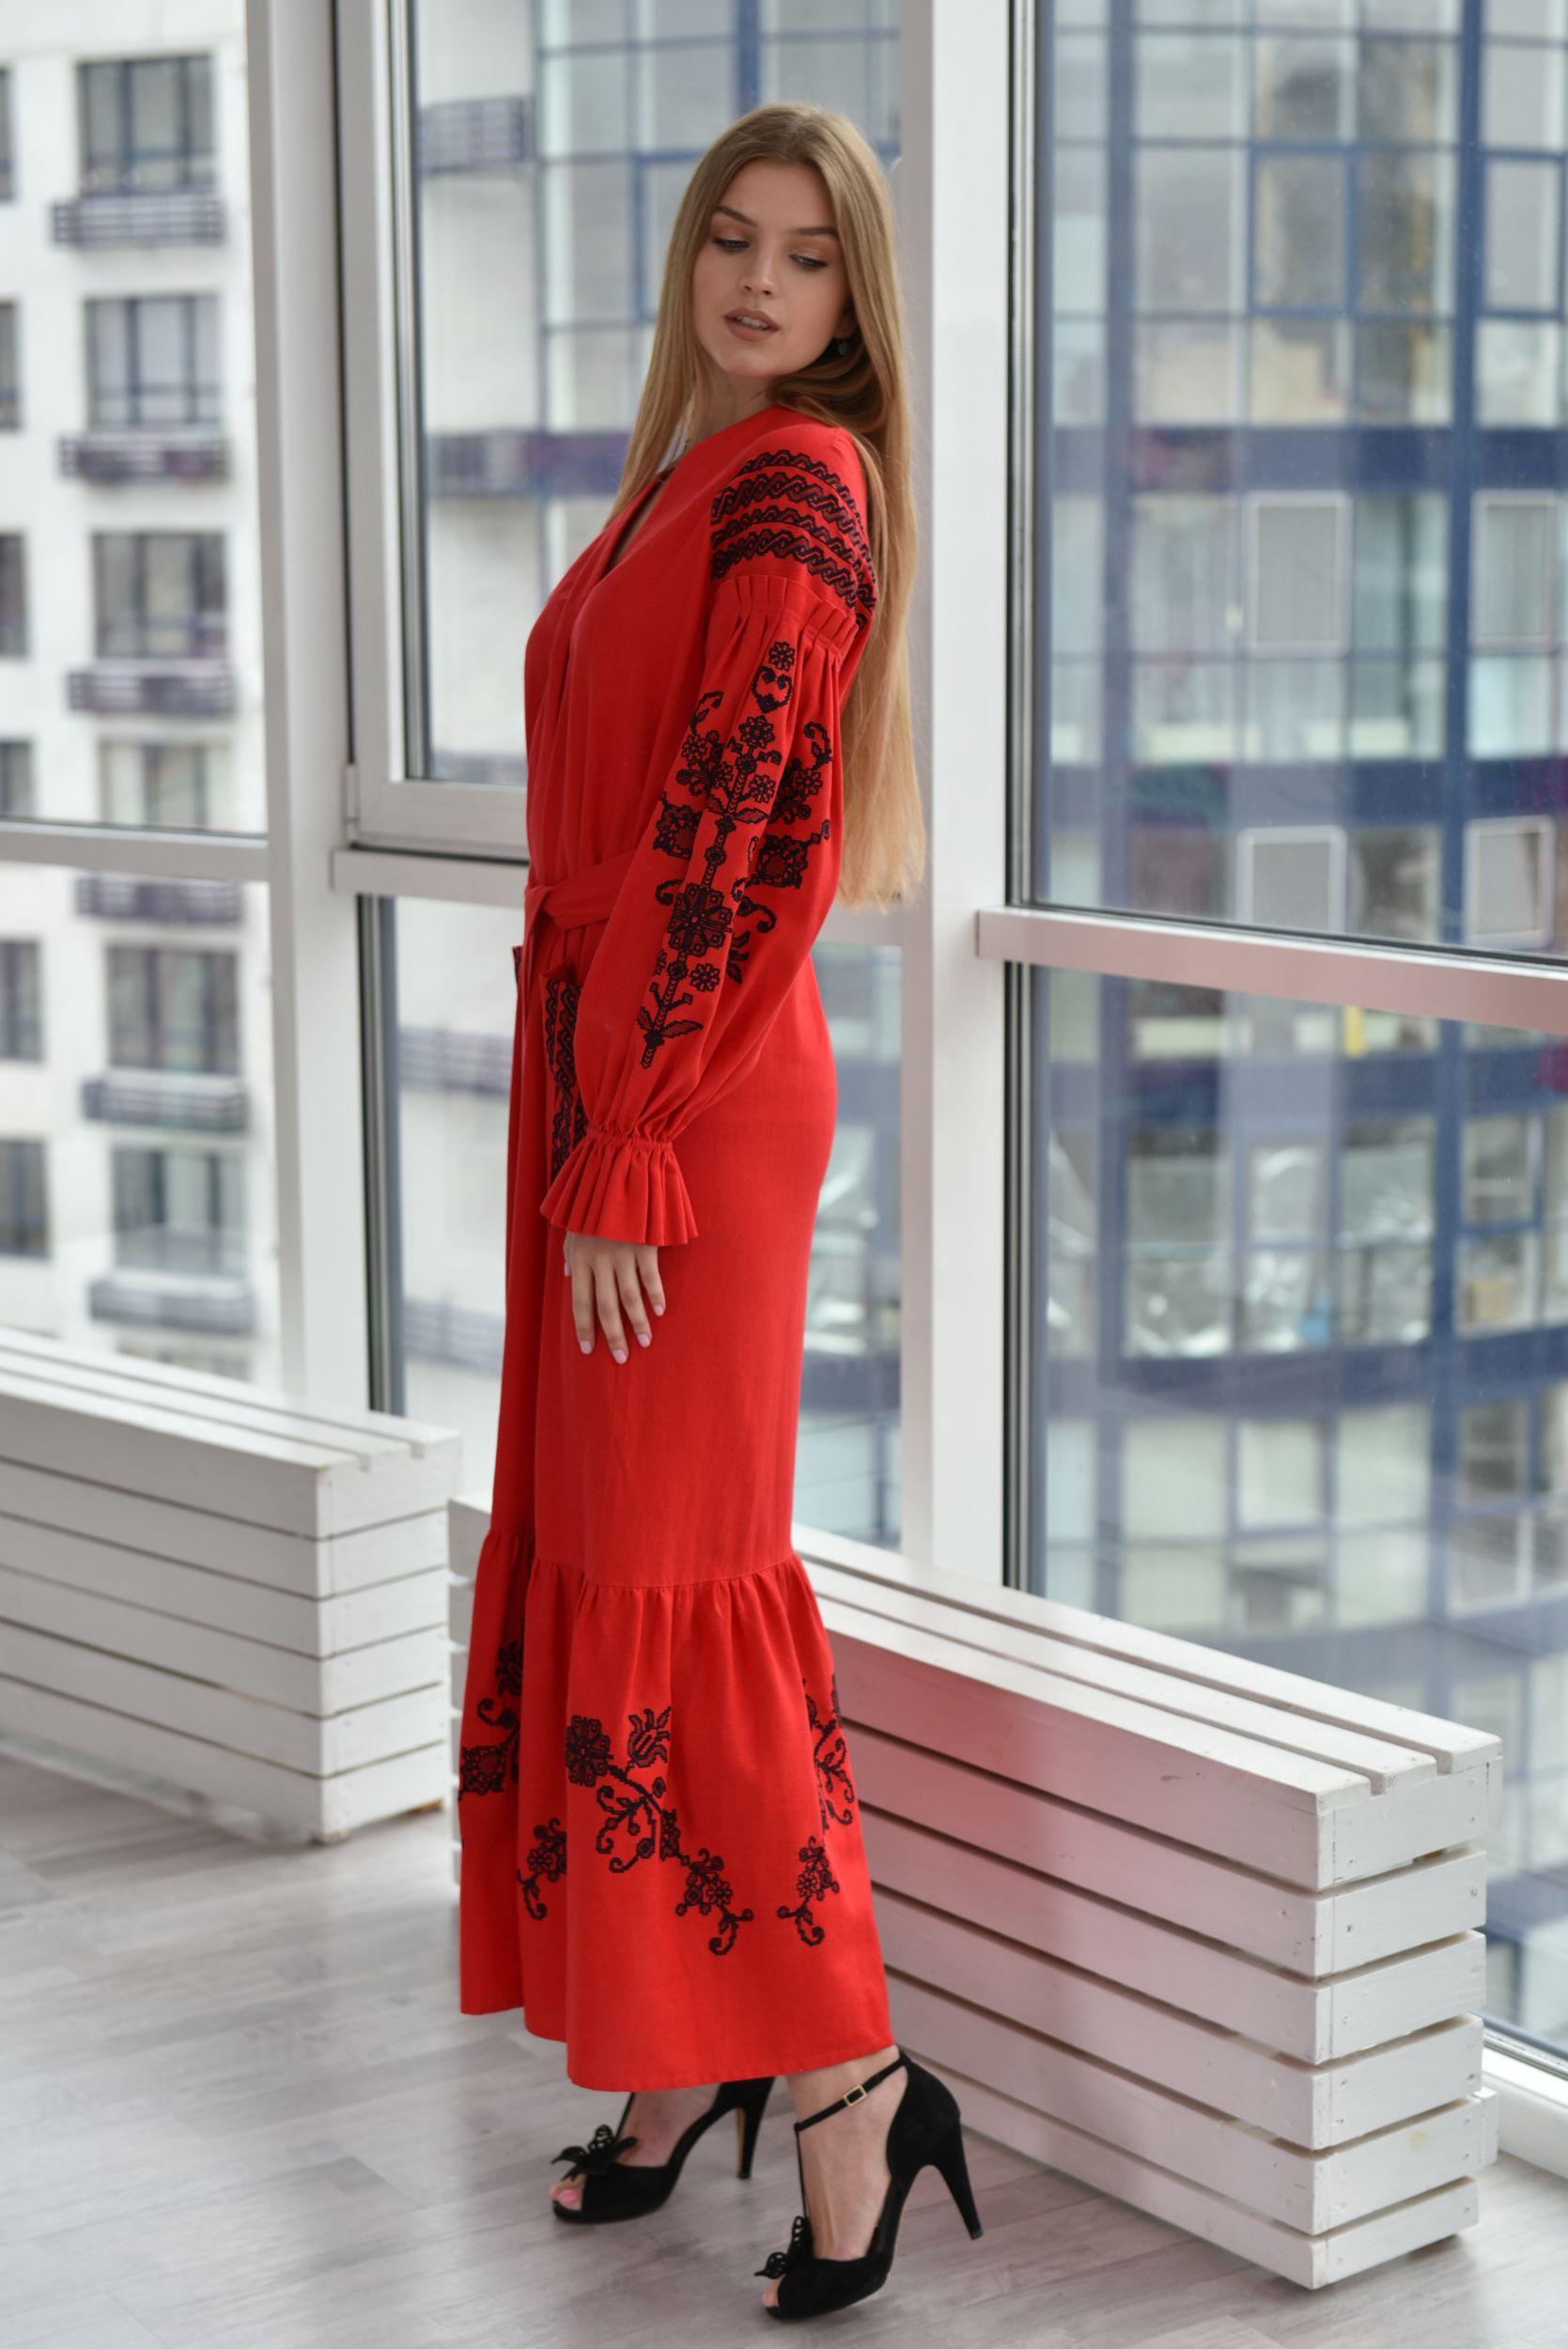 fe3f19b6730874 Вишита червона сукня з чорною вишивкою | Dress vyshyvanka / Сукні ...